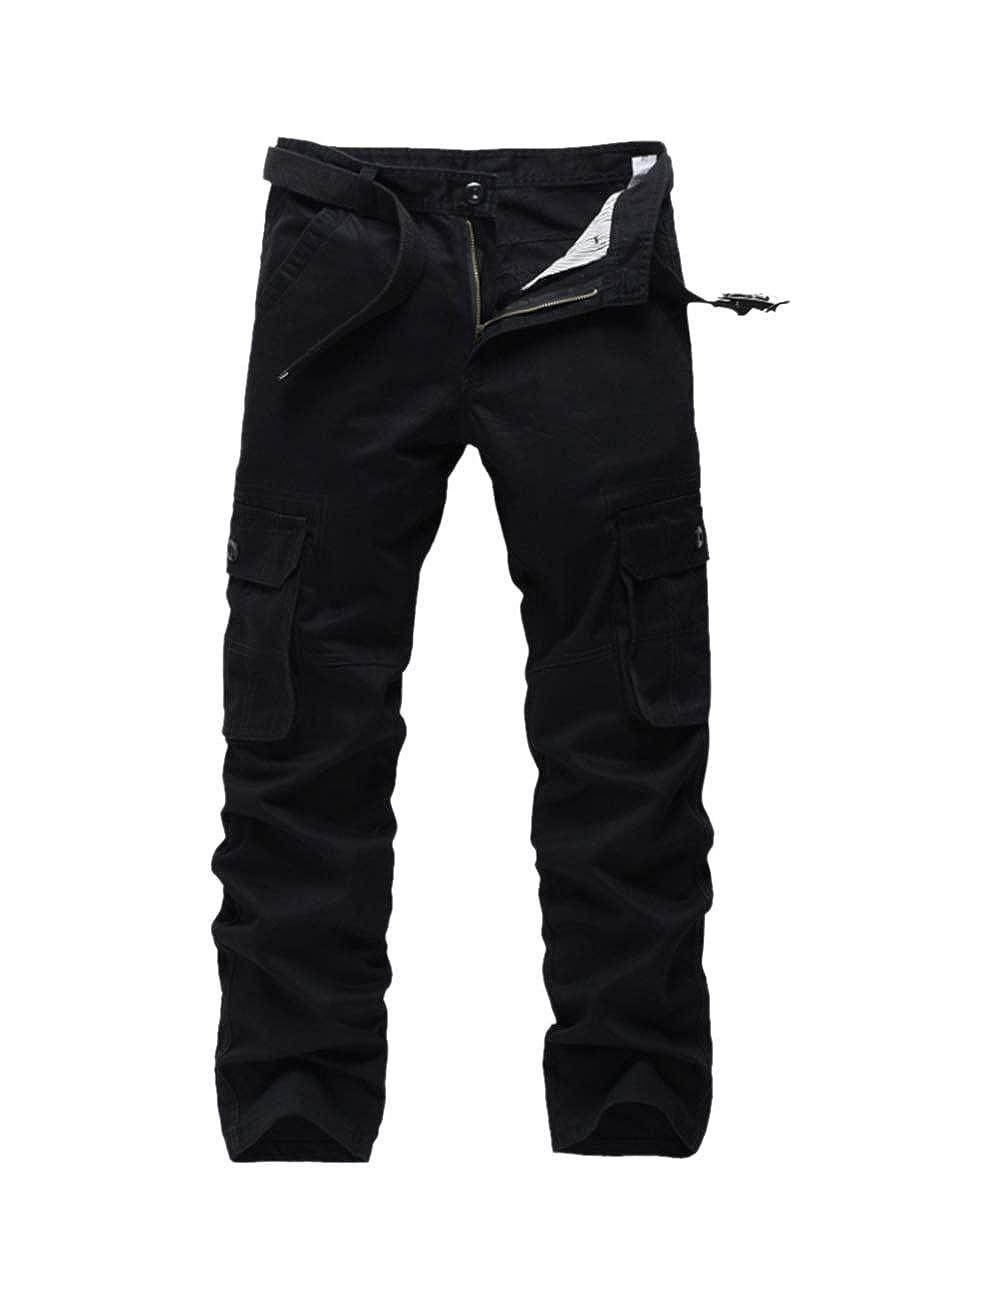 BESBOMIG Pantalones de Trabajo de Hombre - Hombre Pantalones Deportivos de Combate Pantalones Casual de Carga Suelta Resistente al Desgaste Algodón Multi Bolsillo Tamaño 31 a 38